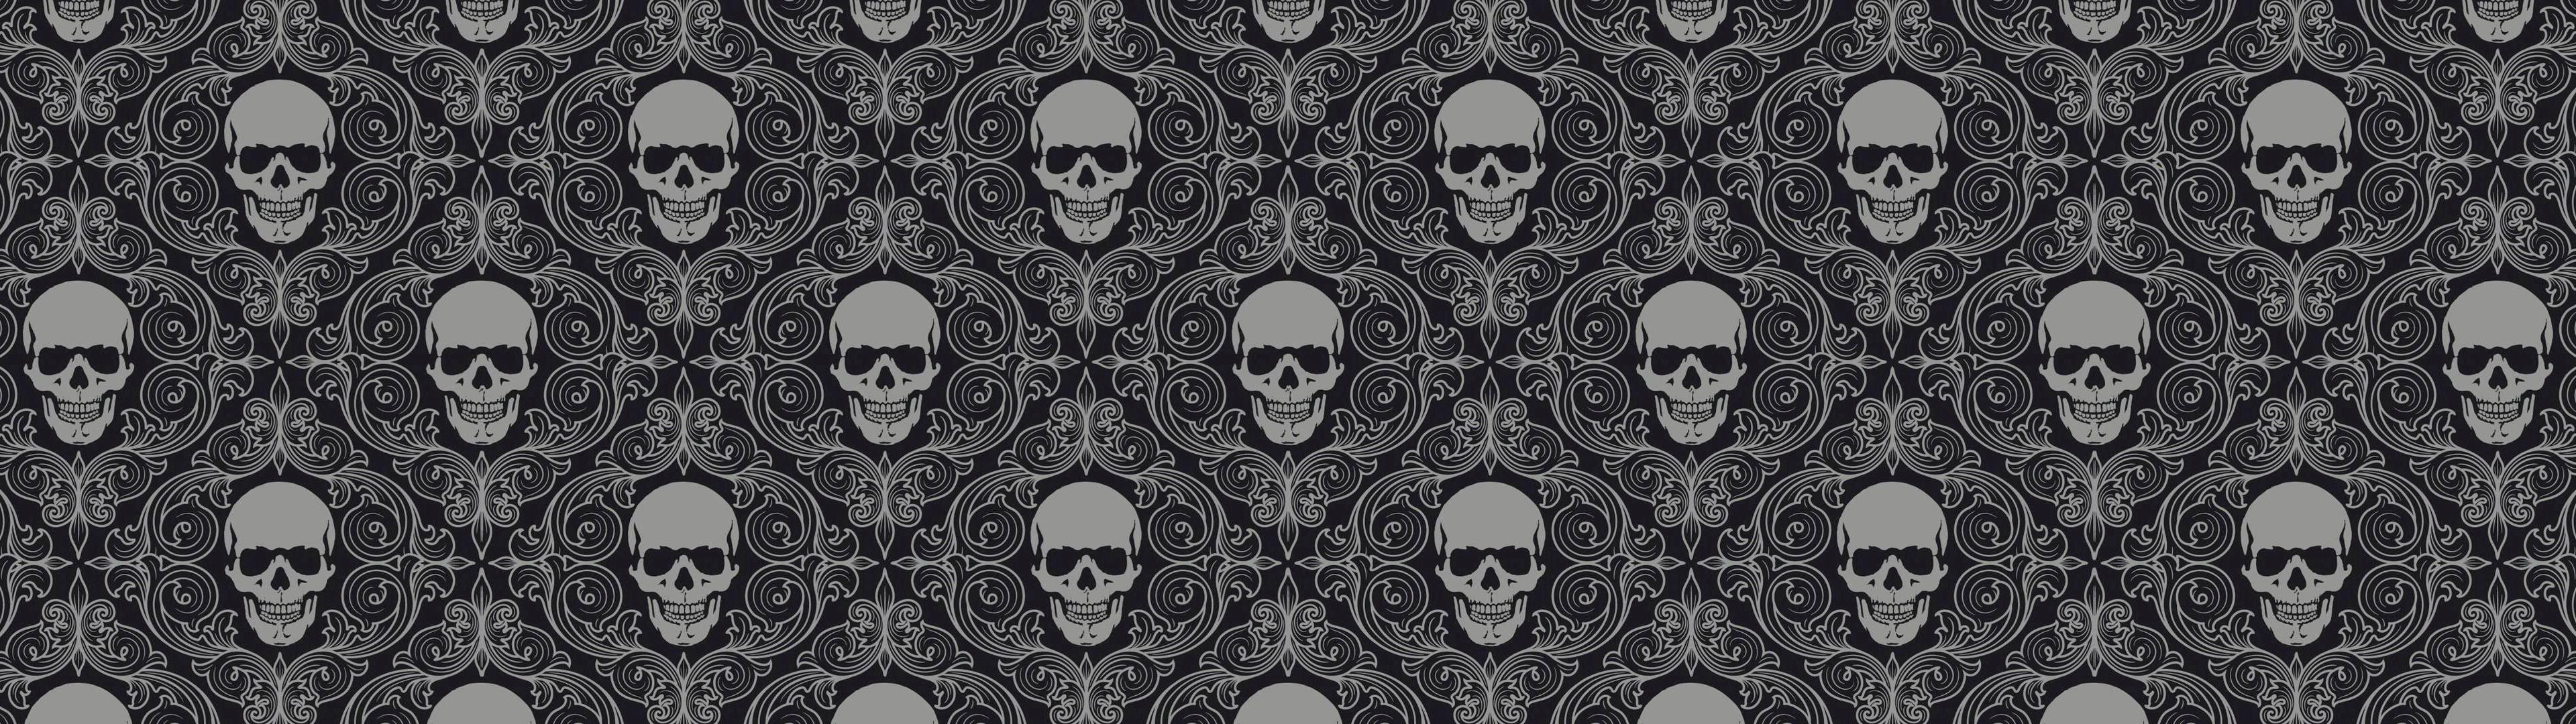 WallpaperFusion-skulls-Original-3840x1080.jpg